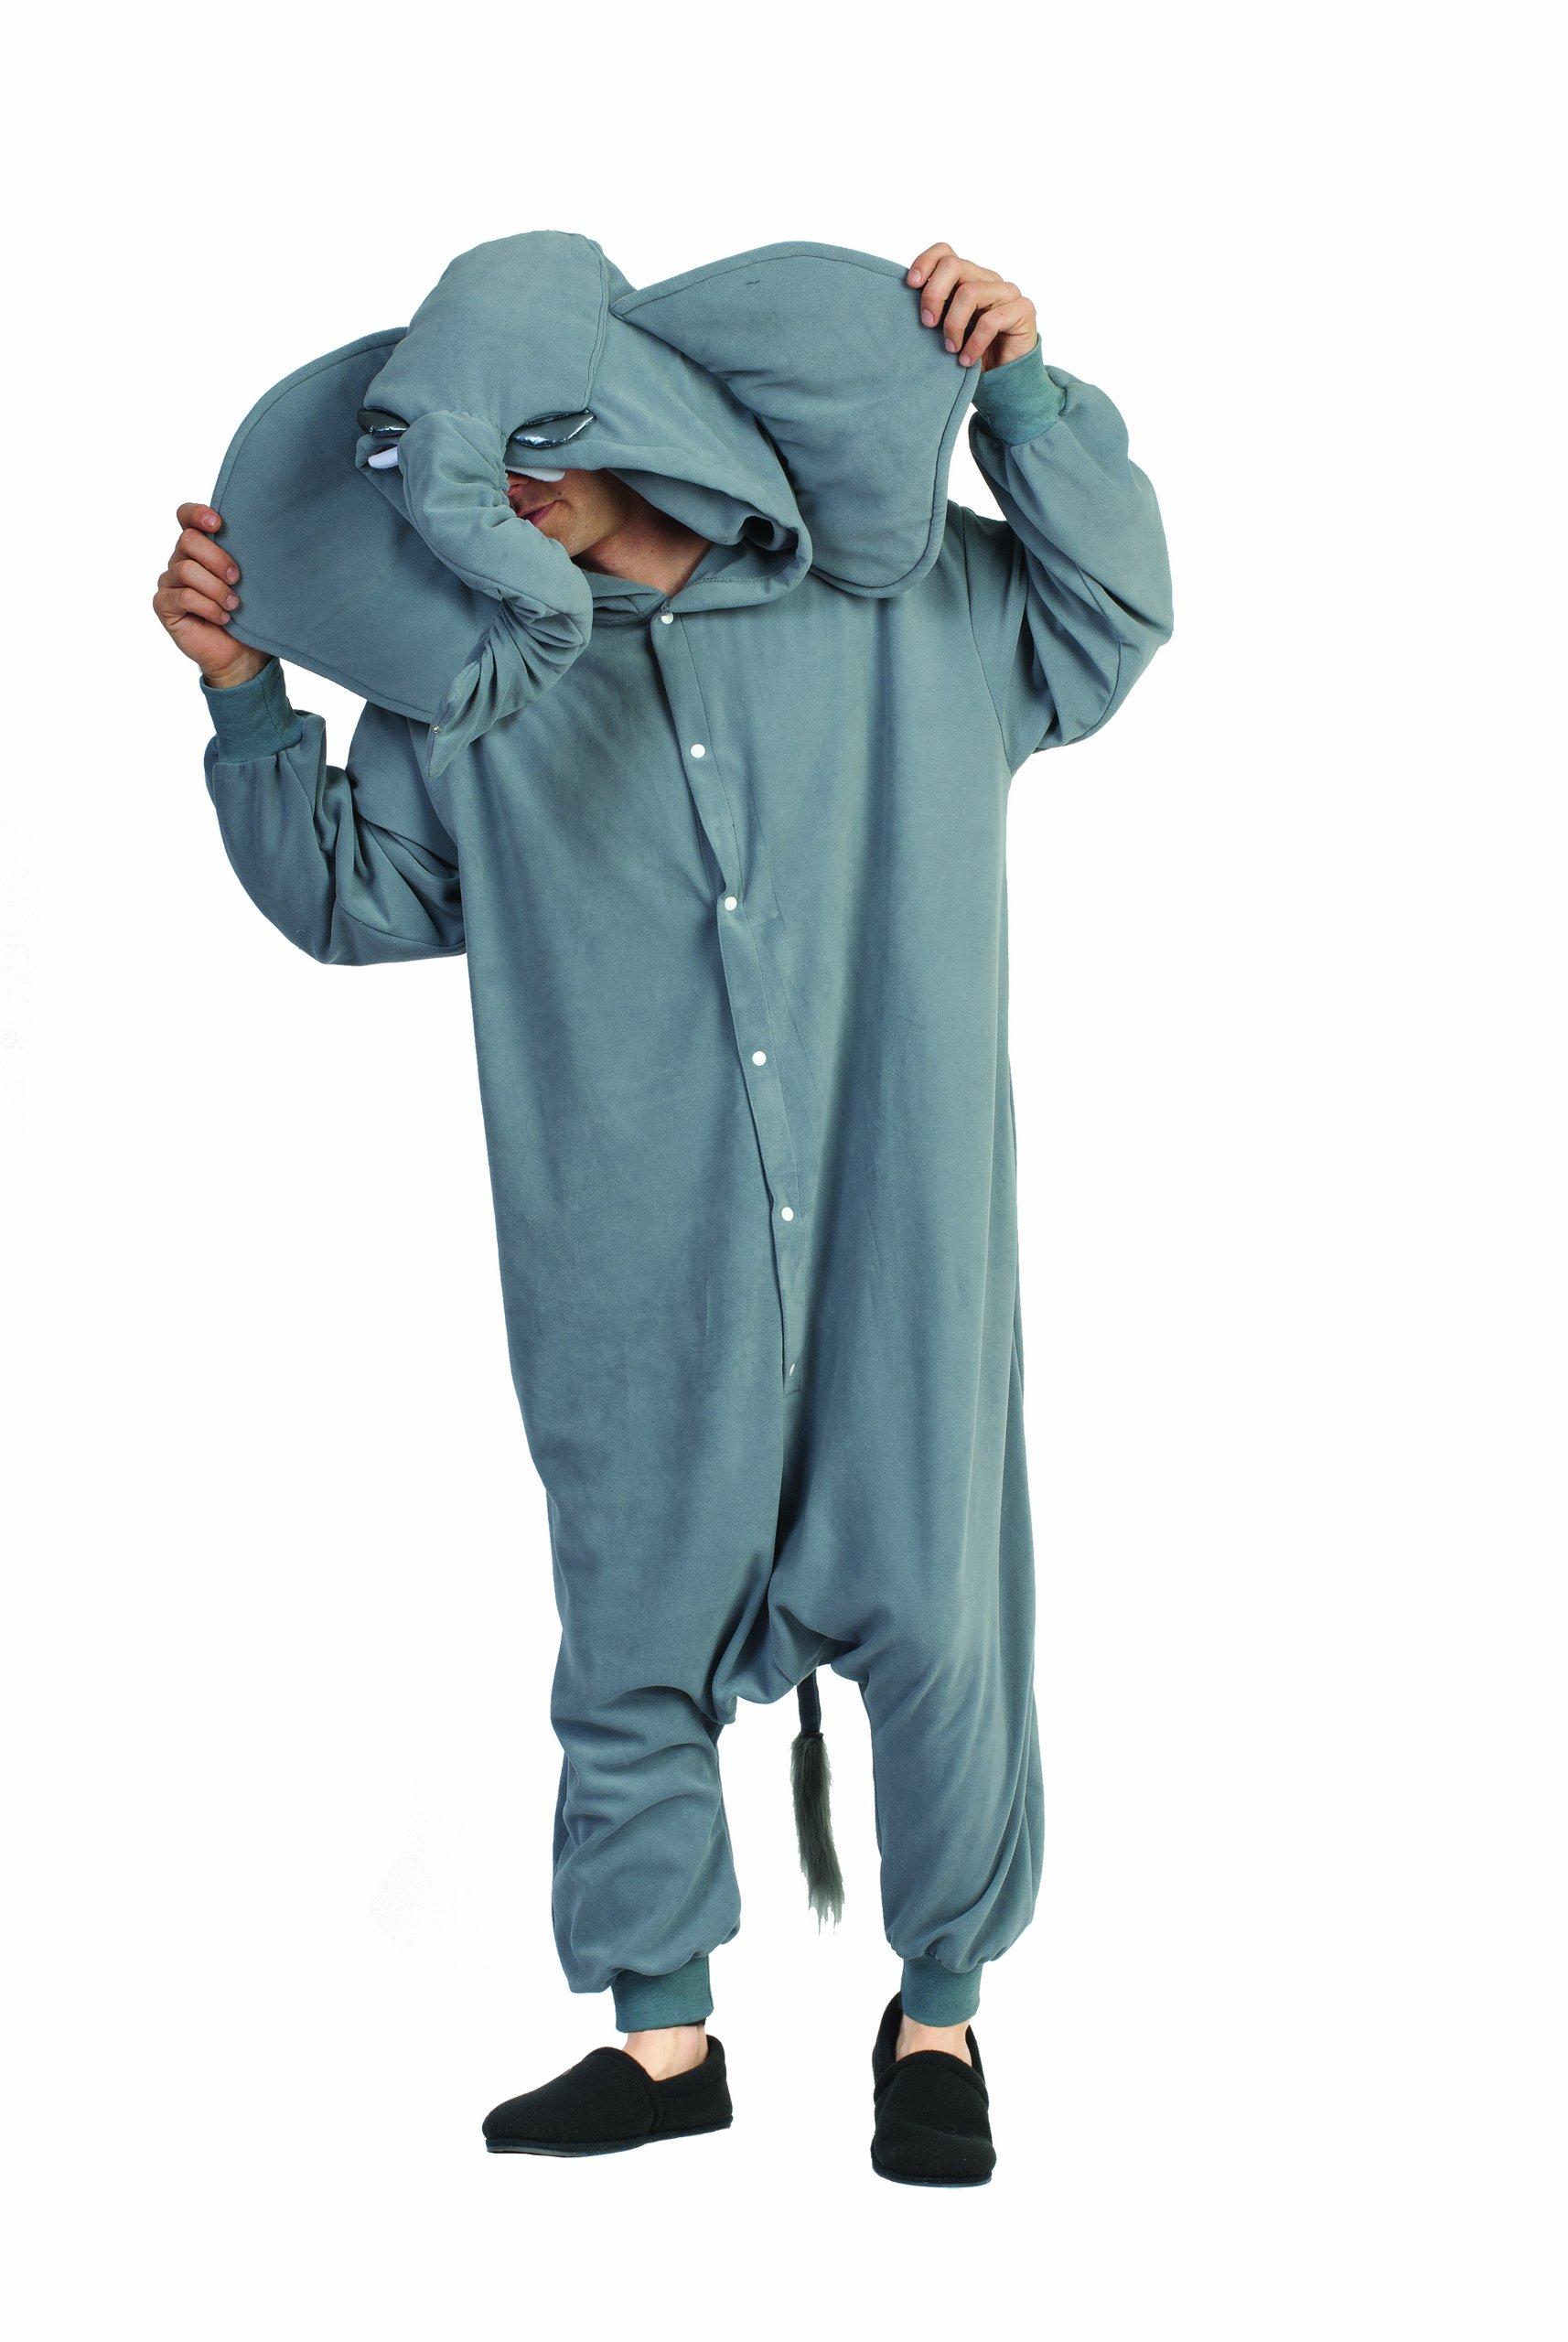 Funsies Kigurumi Peanut Elephant Fleece Jumpsuit Costume Adult